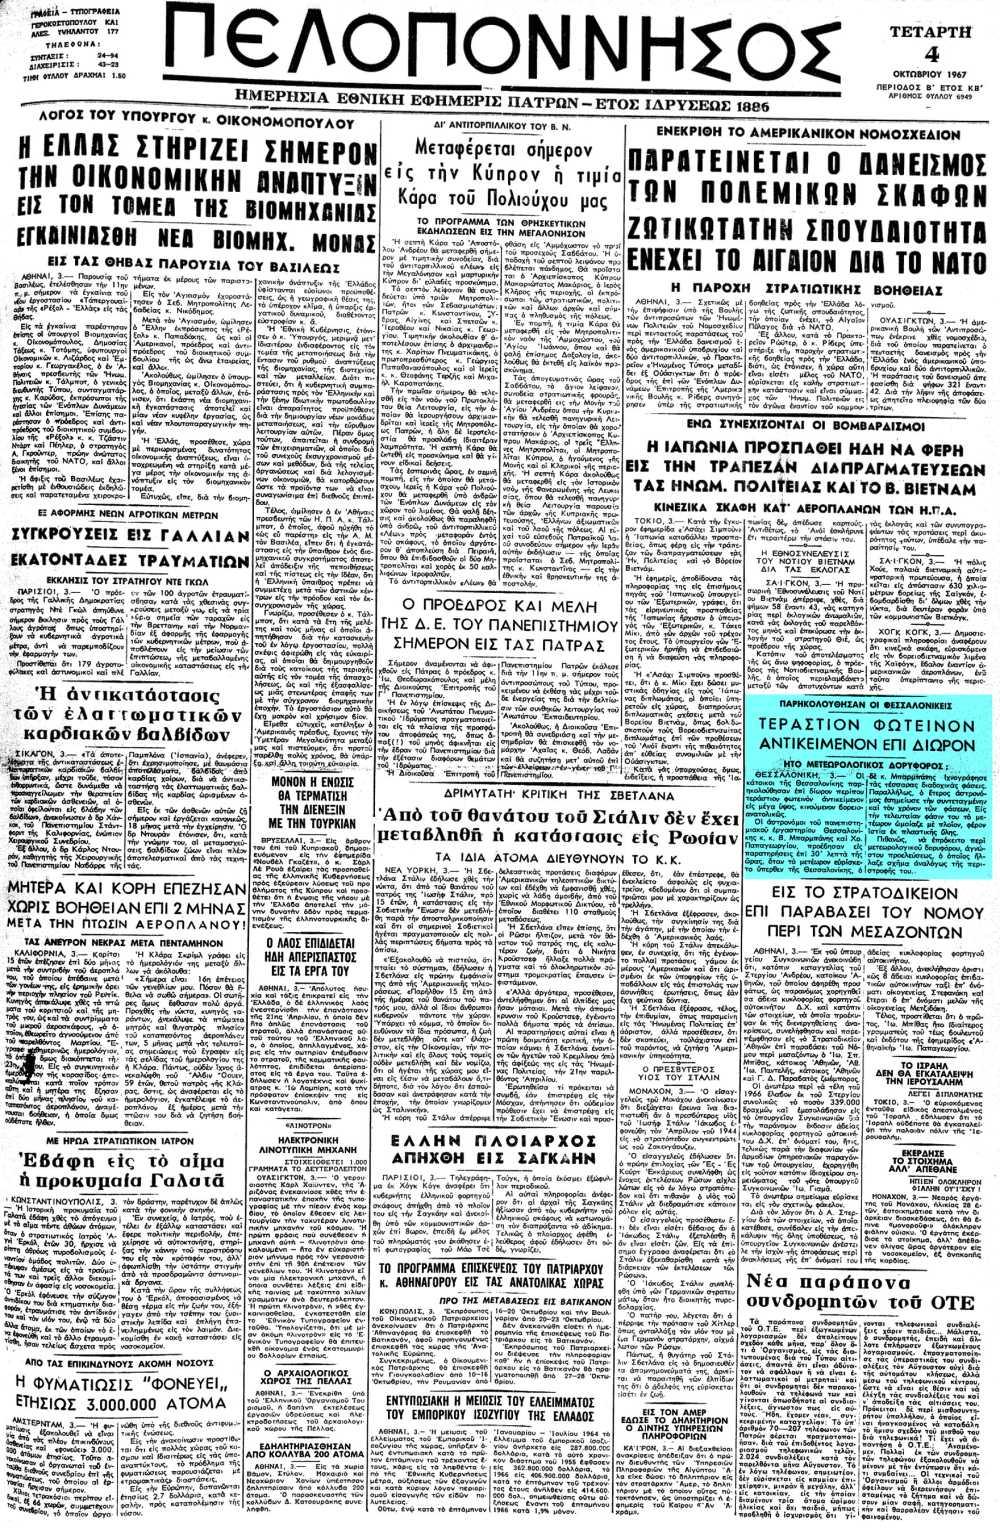 """Το άρθρο, όπως δημοσιεύθηκε στην εφημερίδα """"ΠΕΛΟΠΟΝΝΗΣΟΣ"""", στις 04/10/1967"""